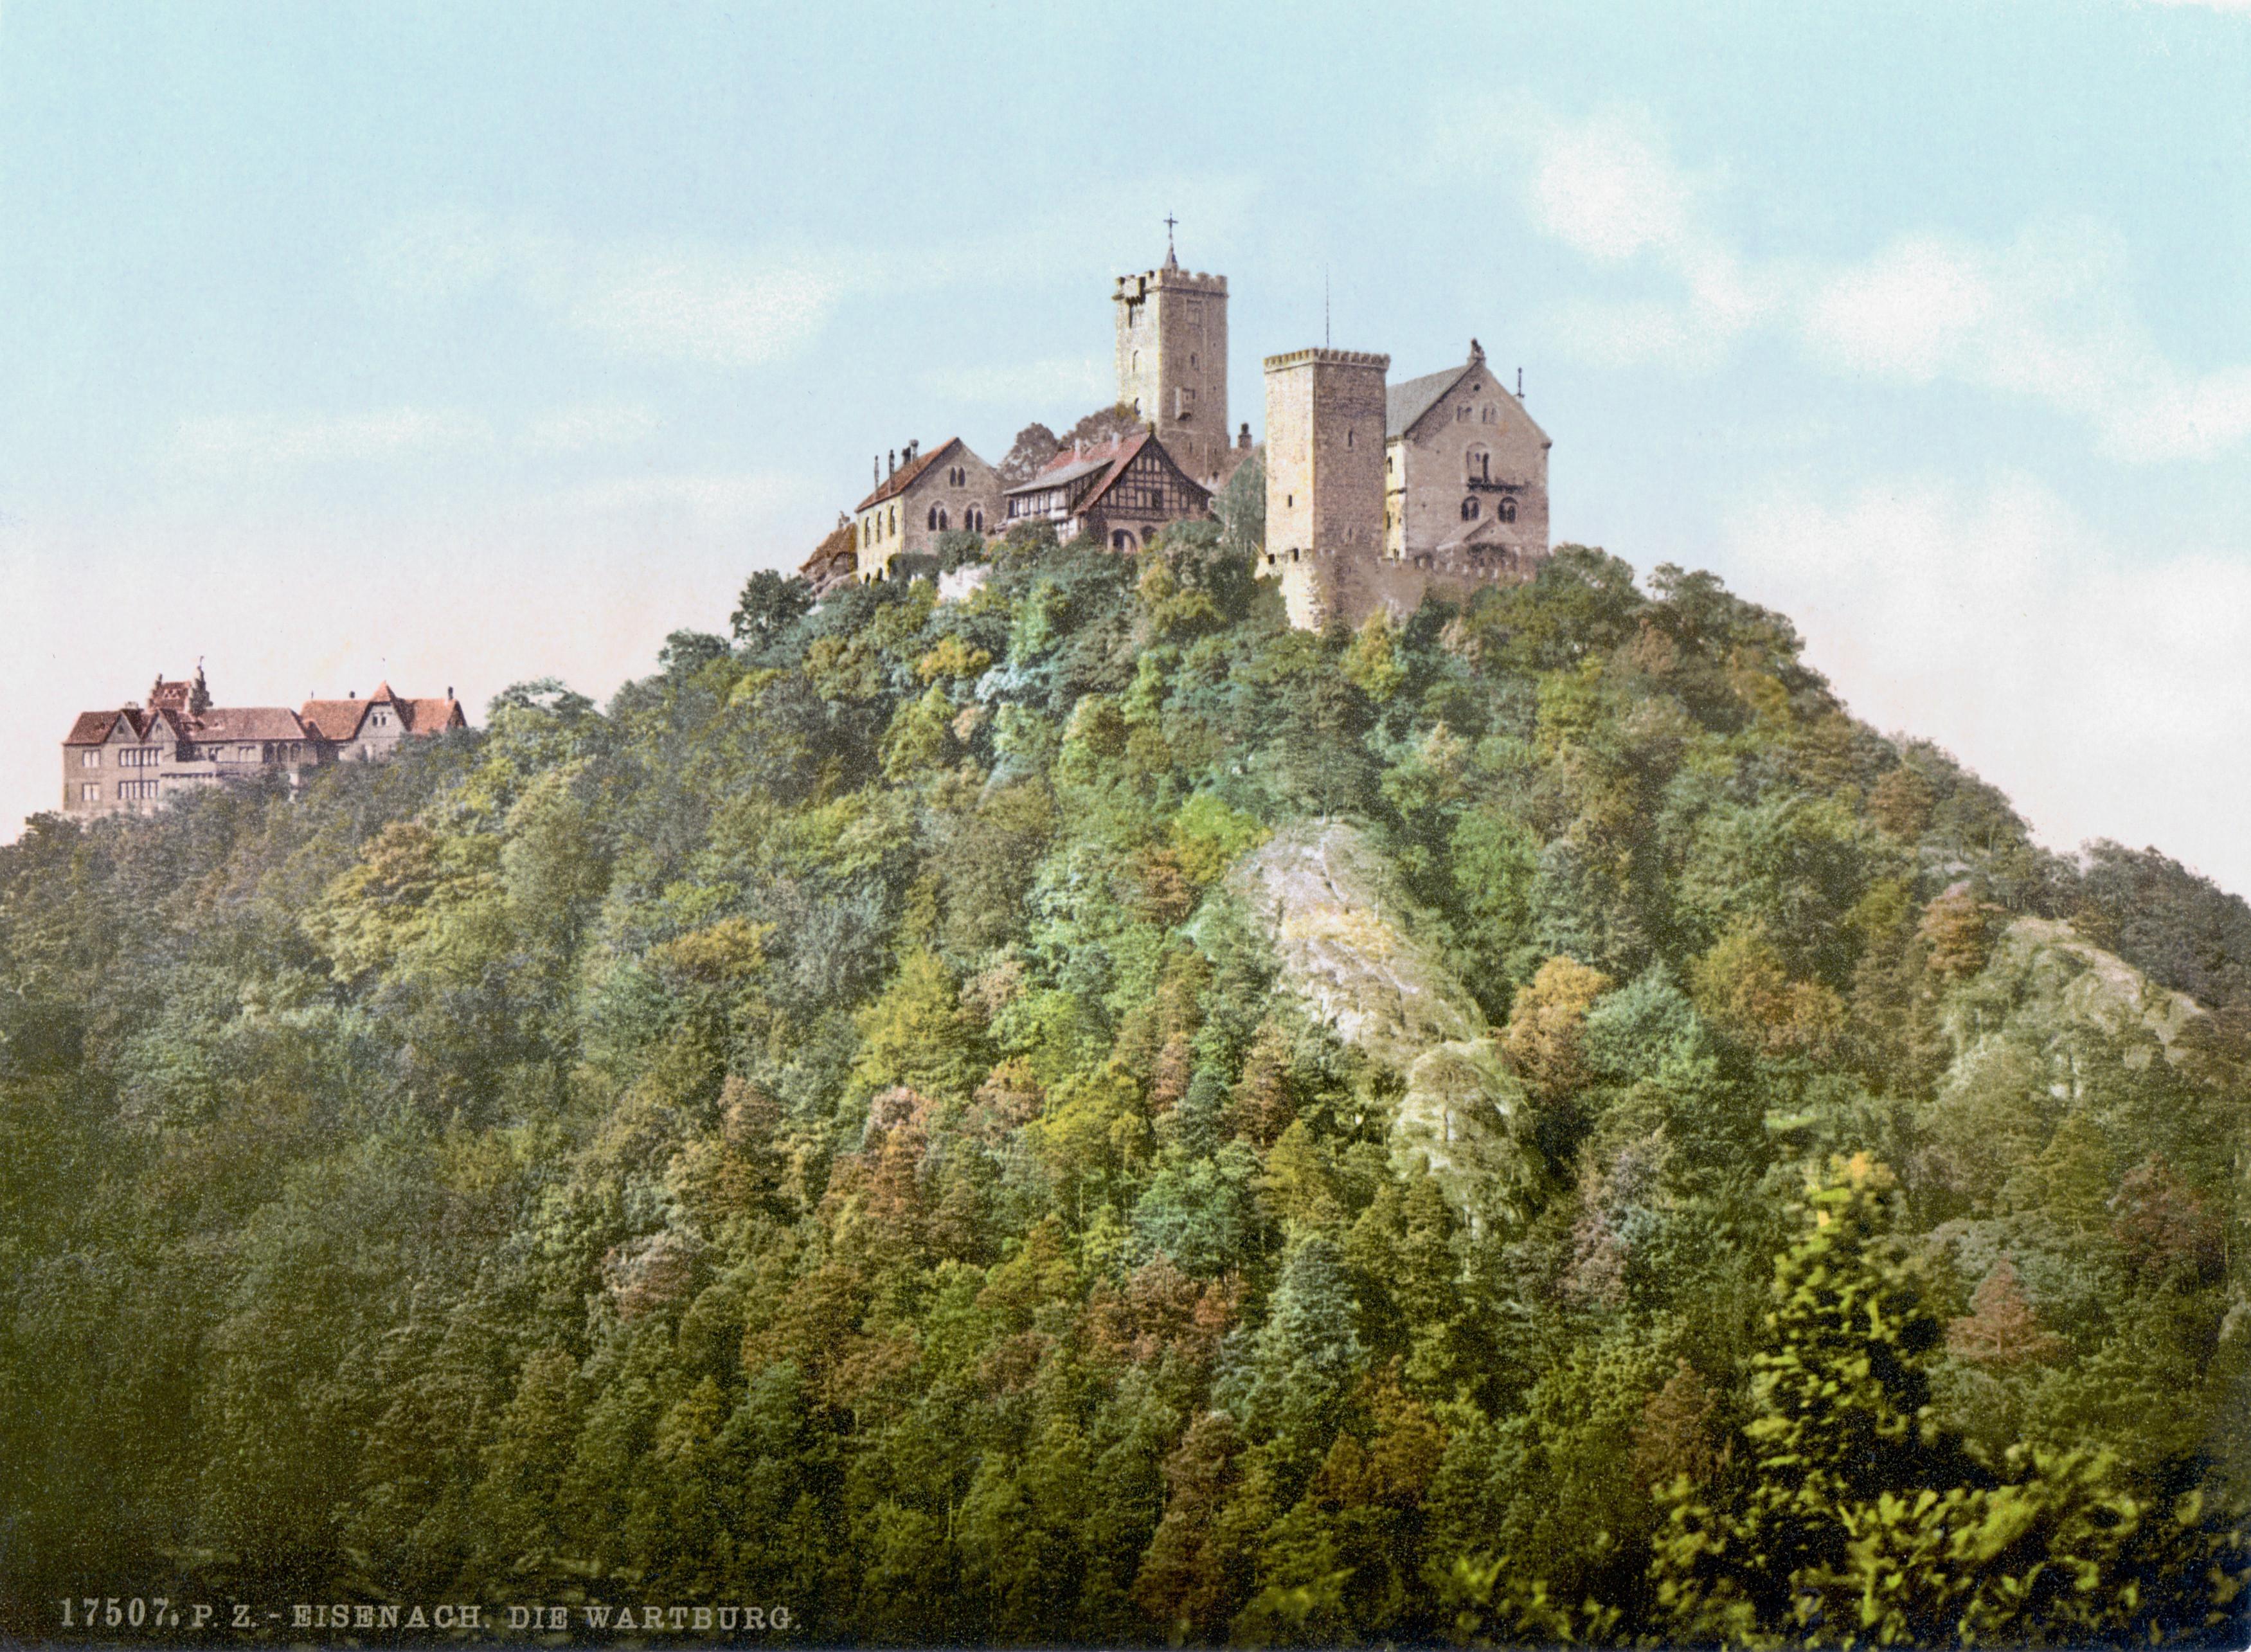 Le chapeau de la Warburg près d'Eisenach en Thuringe qui servit d'inspiration à Richard Wagner pour Tannhäuser